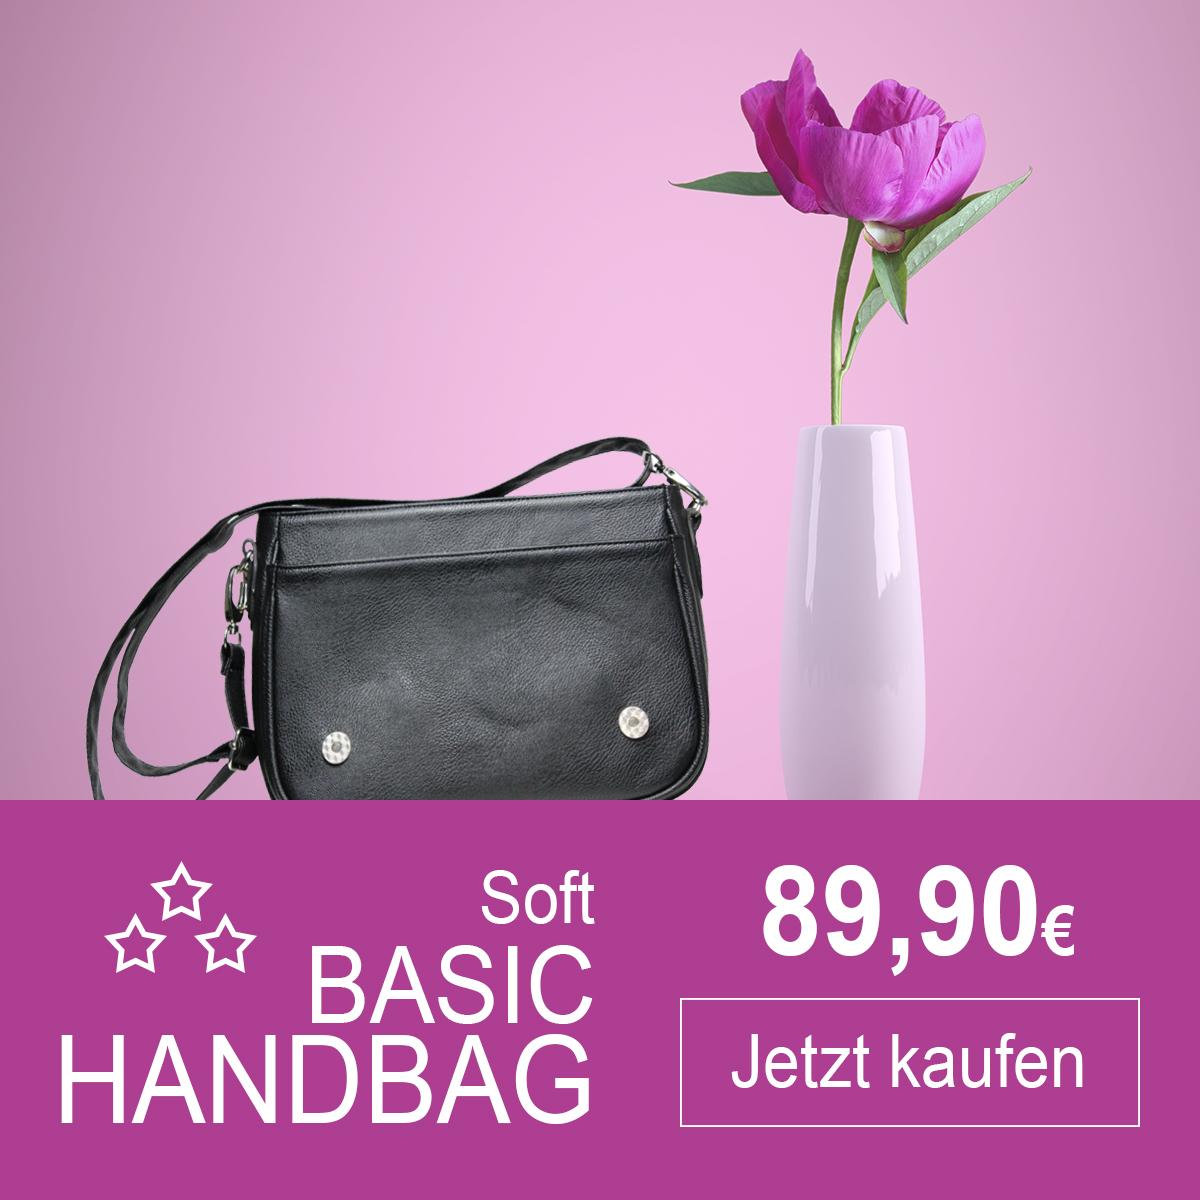 Soft Basic Handtasche von Delieta